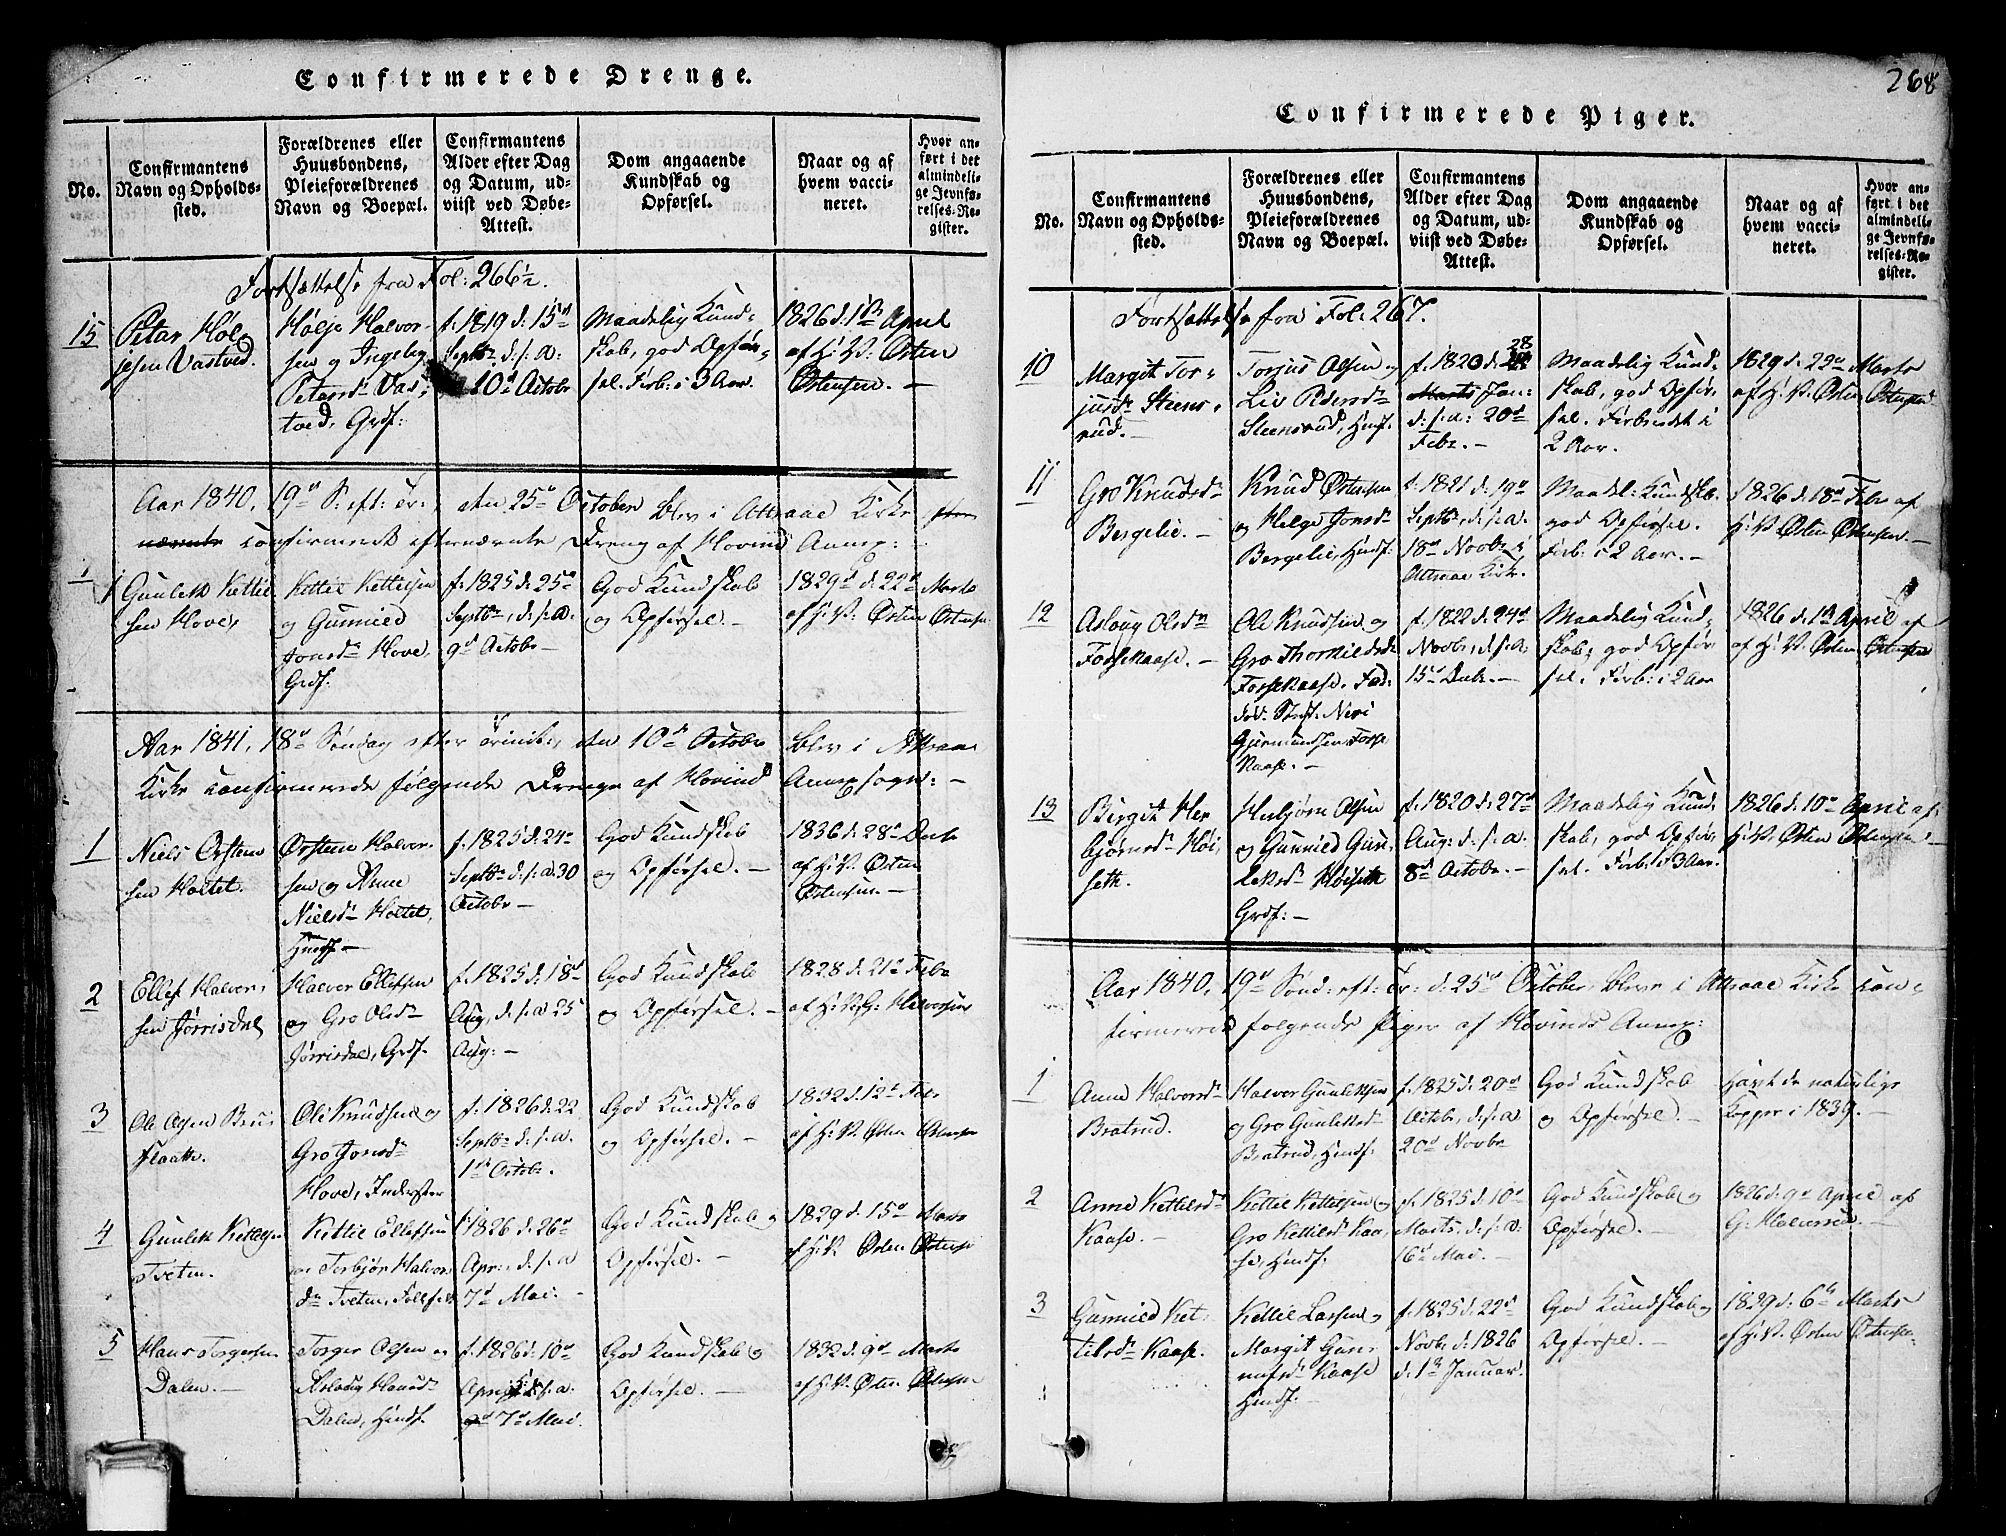 SAKO, Gransherad kirkebøker, G/Gb/L0001: Klokkerbok nr. II 1, 1815-1860, s. 268